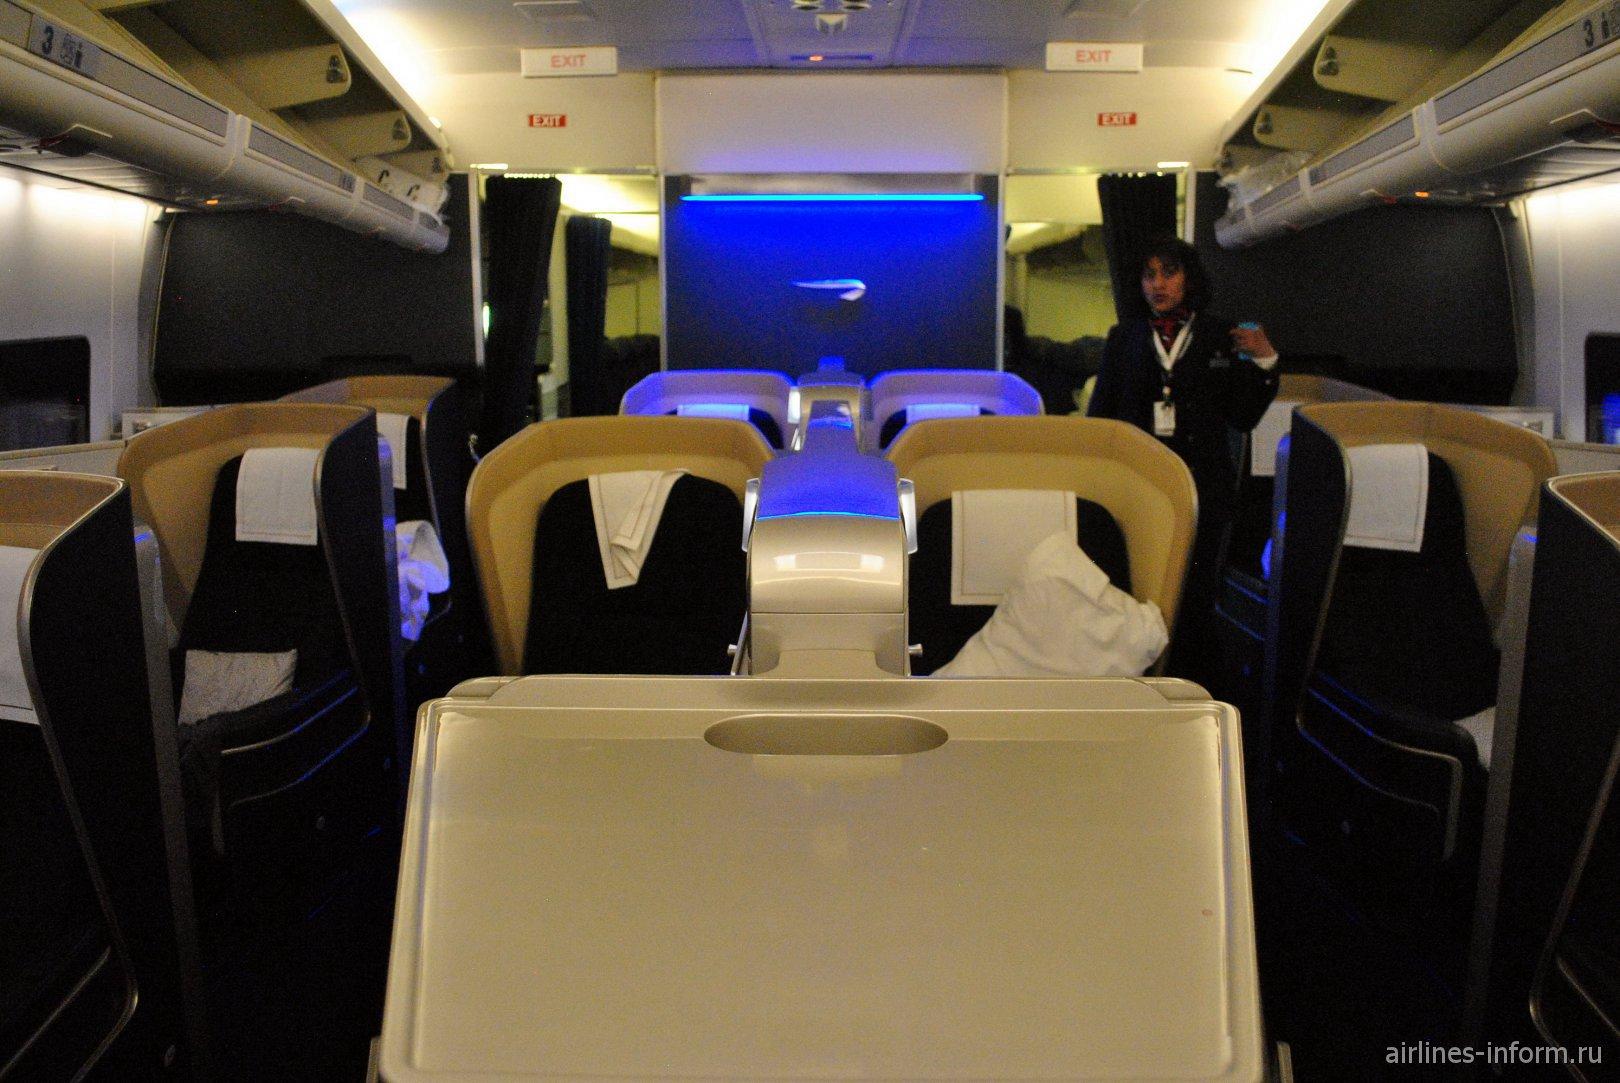 Салон Первого класса в Боинге-747-400 Британских авиалиний